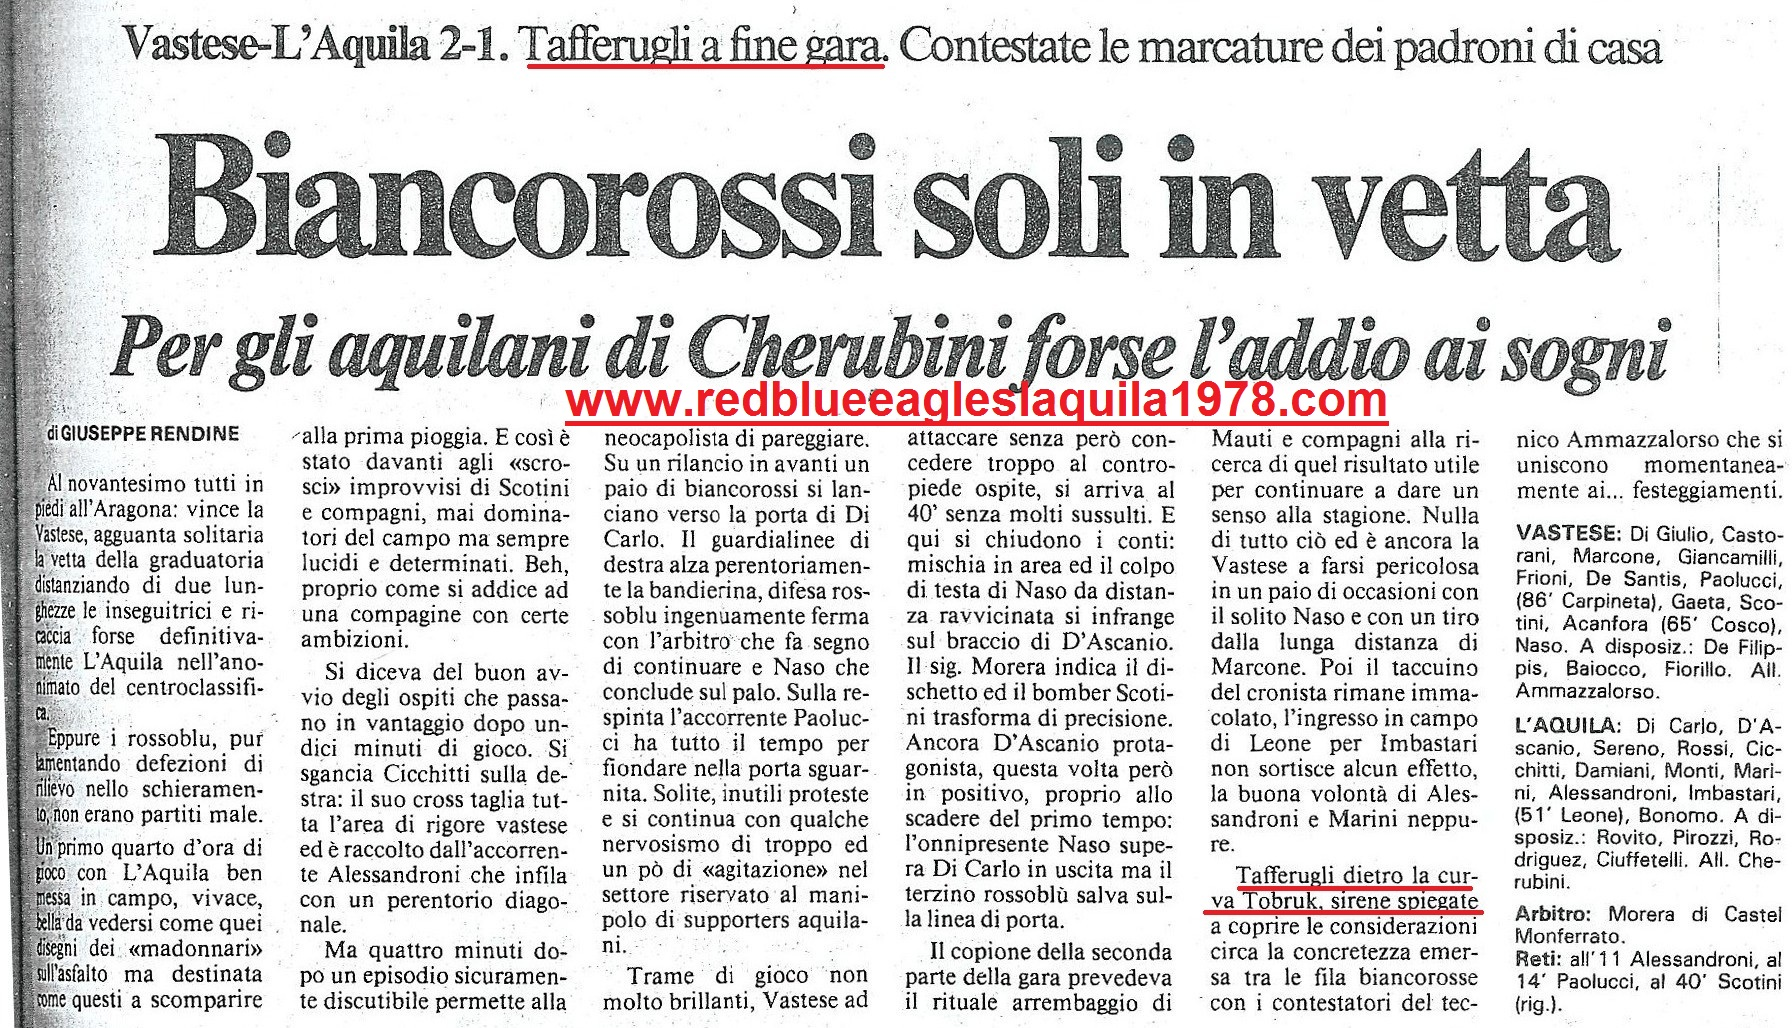 5 novembre 1989 Vastese L'Aquila serie D. Scontri a fine gara dietro la curva ospite tra aquilani e polizia